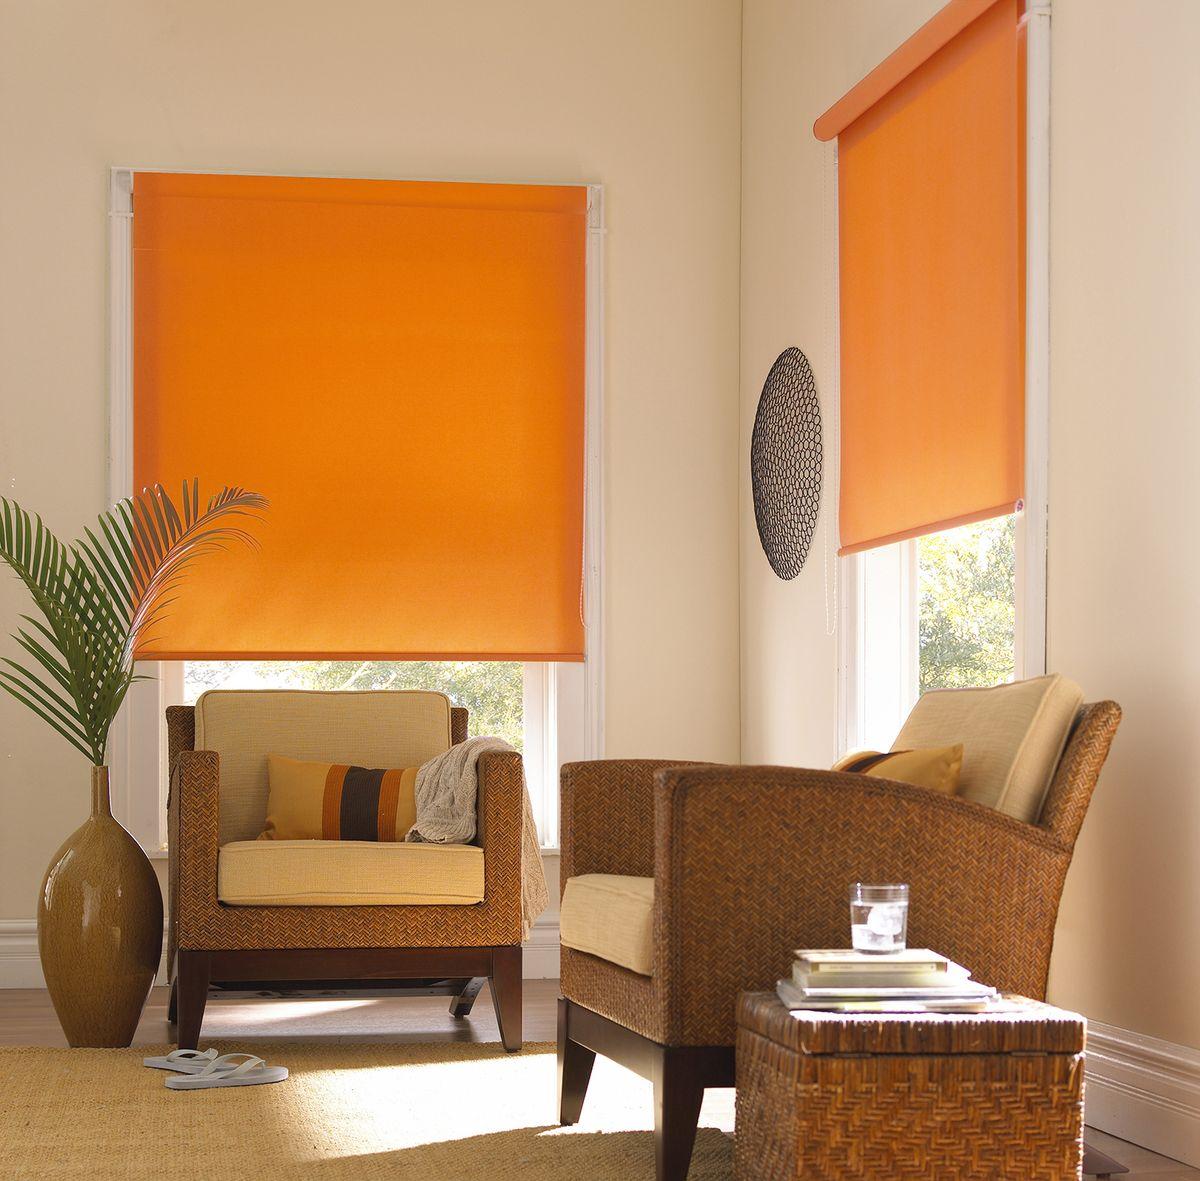 Штора рулонная Эскар Миниролло, цвет: апельсин, ширина 115 см, высота 170 см304947098160Рулонная штора Эскар Миниролло выполнена из высокопрочной ткани, которая сохраняет свой размер даже при намокании. Ткань не выцветает и обладает отличной цветоустойчивостью.Миниролло - это подвид рулонных штор, который закрывает не весь оконный проем, а непосредственно само стекло. Такие шторы крепятся на раму без сверления при помощи зажимов или клейкой двухсторонней ленты (в комплекте). Окно остается на гарантии, благодаря монтажу без сверления. Такая штора станет прекрасным элементом декора окна и гармонично впишется в интерьер любого помещения.